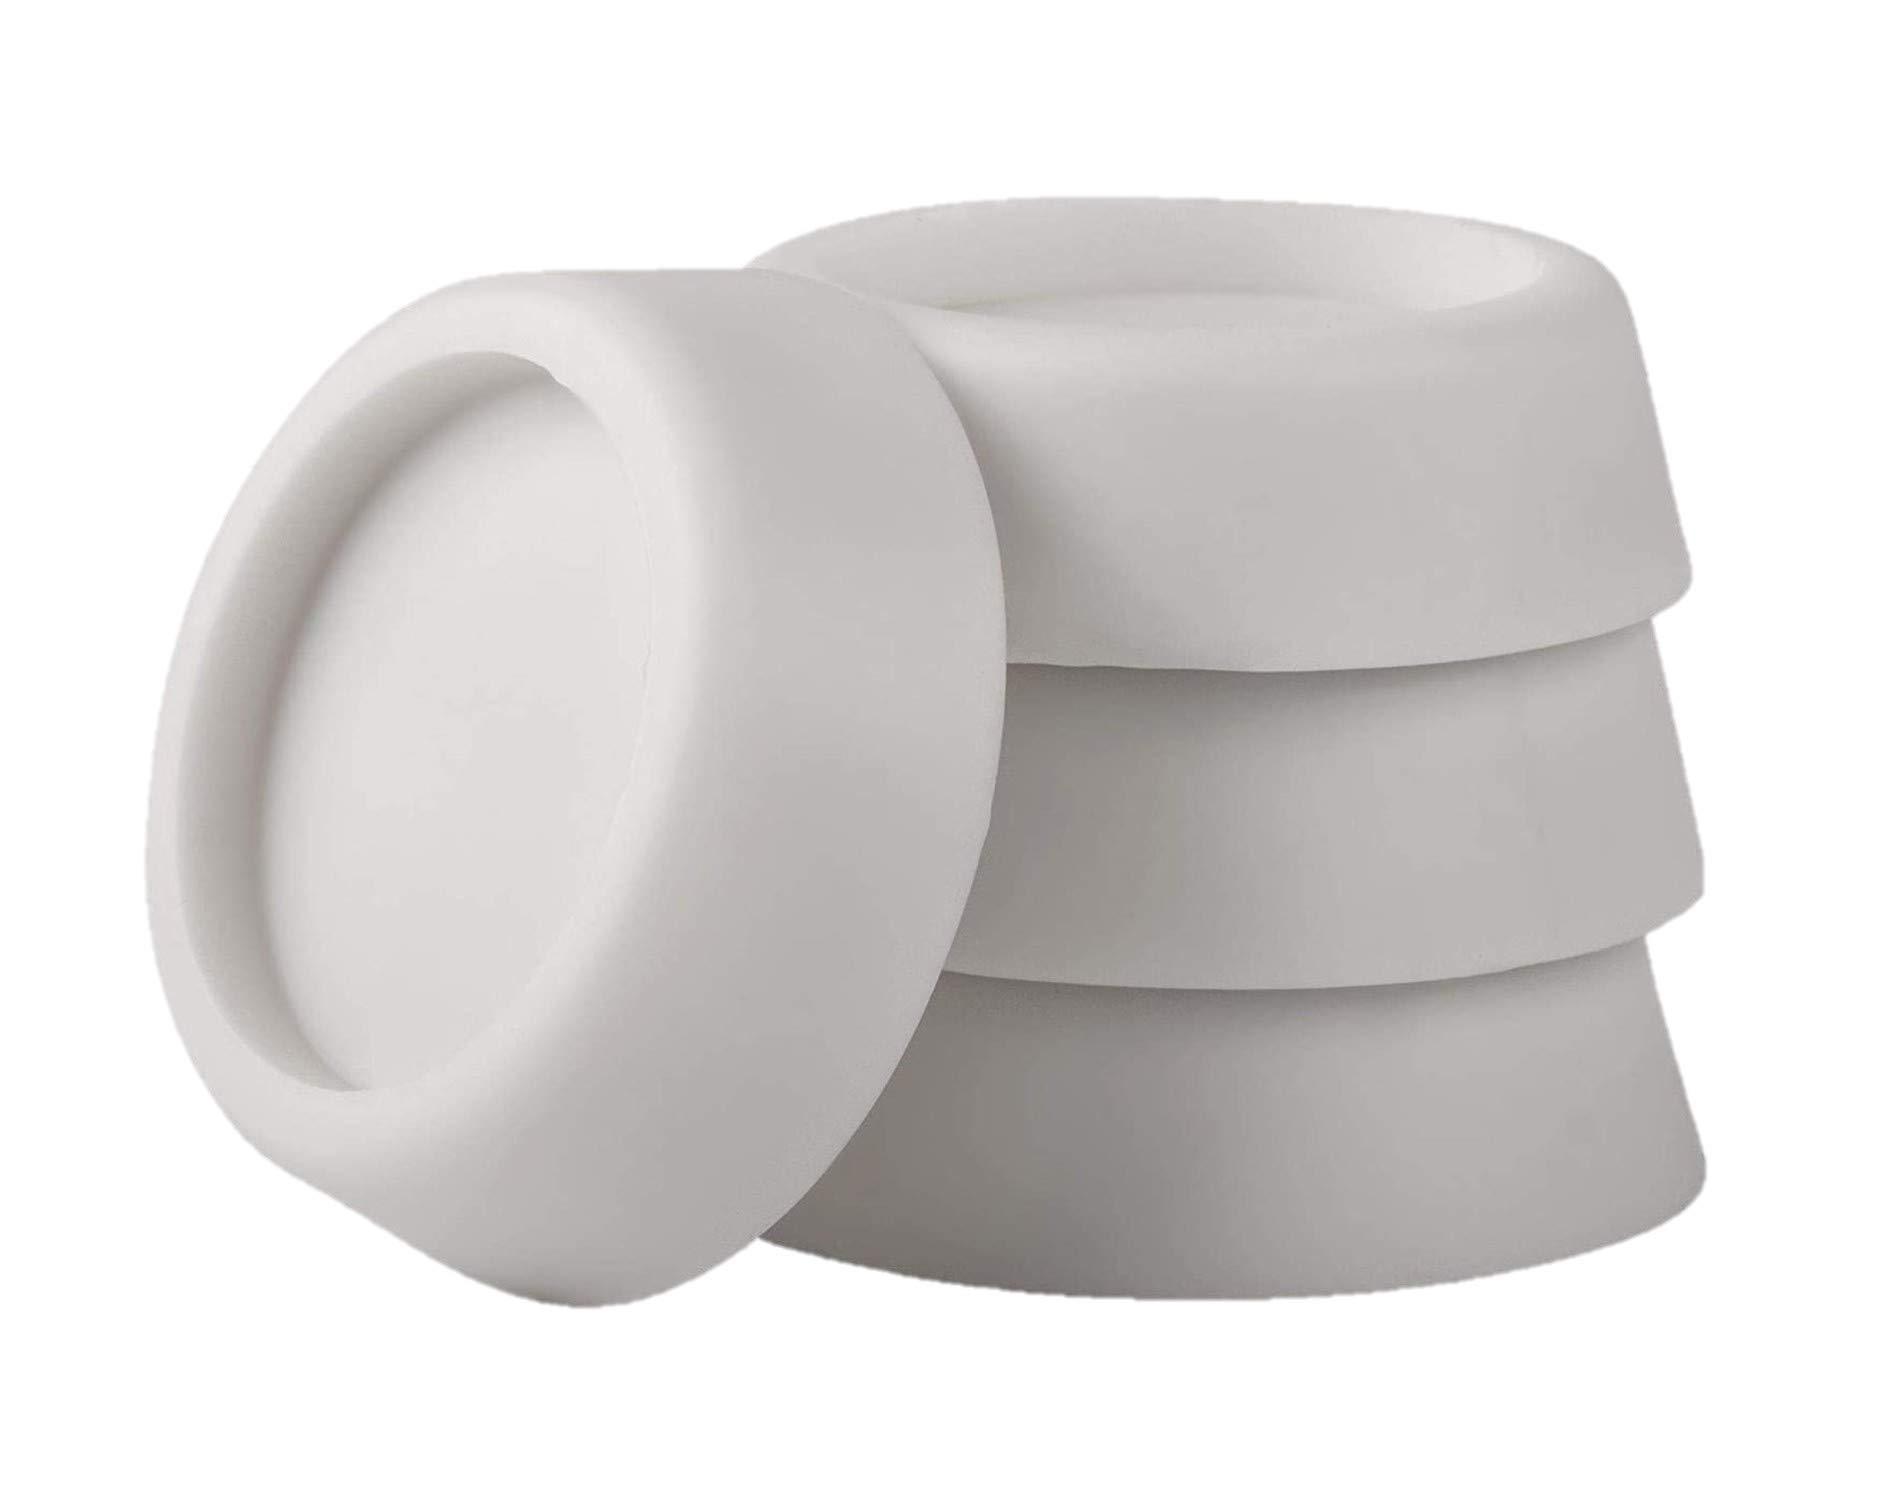 LAZER ELECTRICS Universal Washing Machine anti vibration Feet Pack Of 4 - White (64mm x 57mm x 45mm)